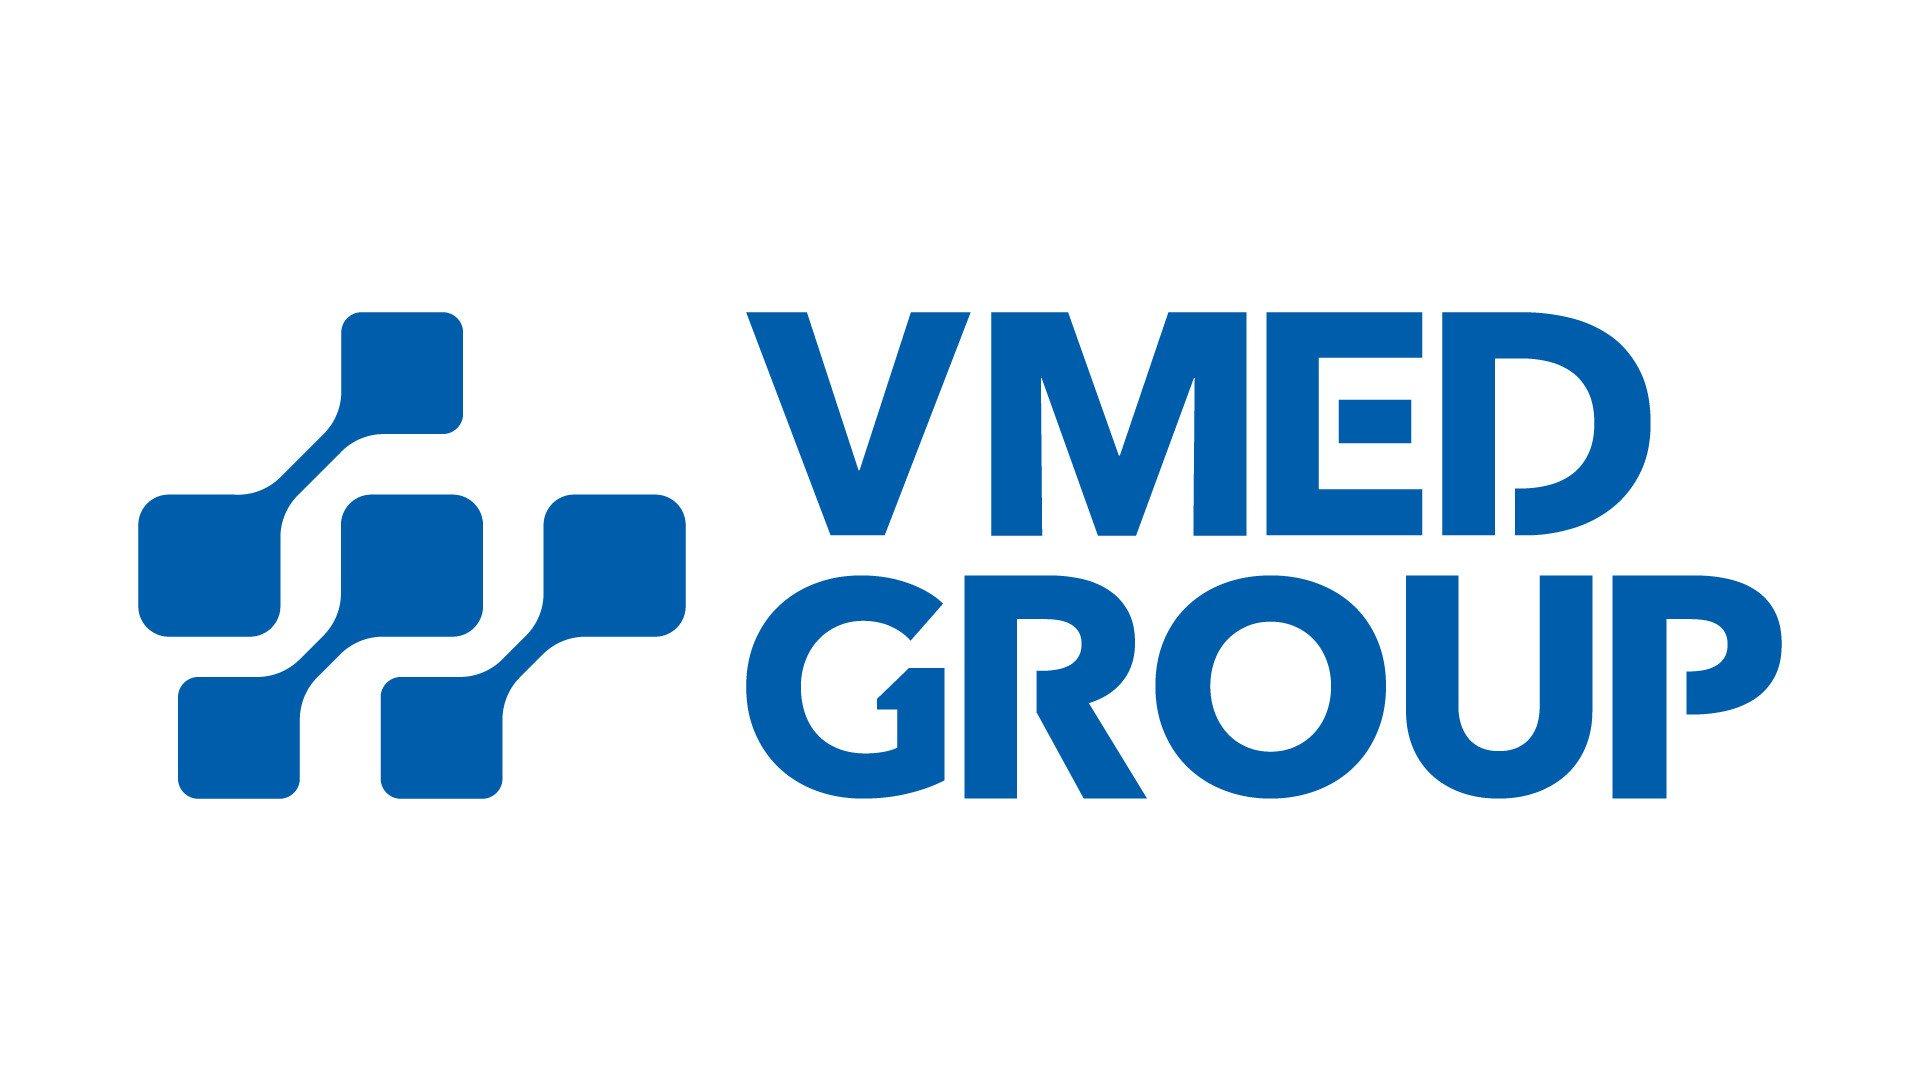 VMED GROUP